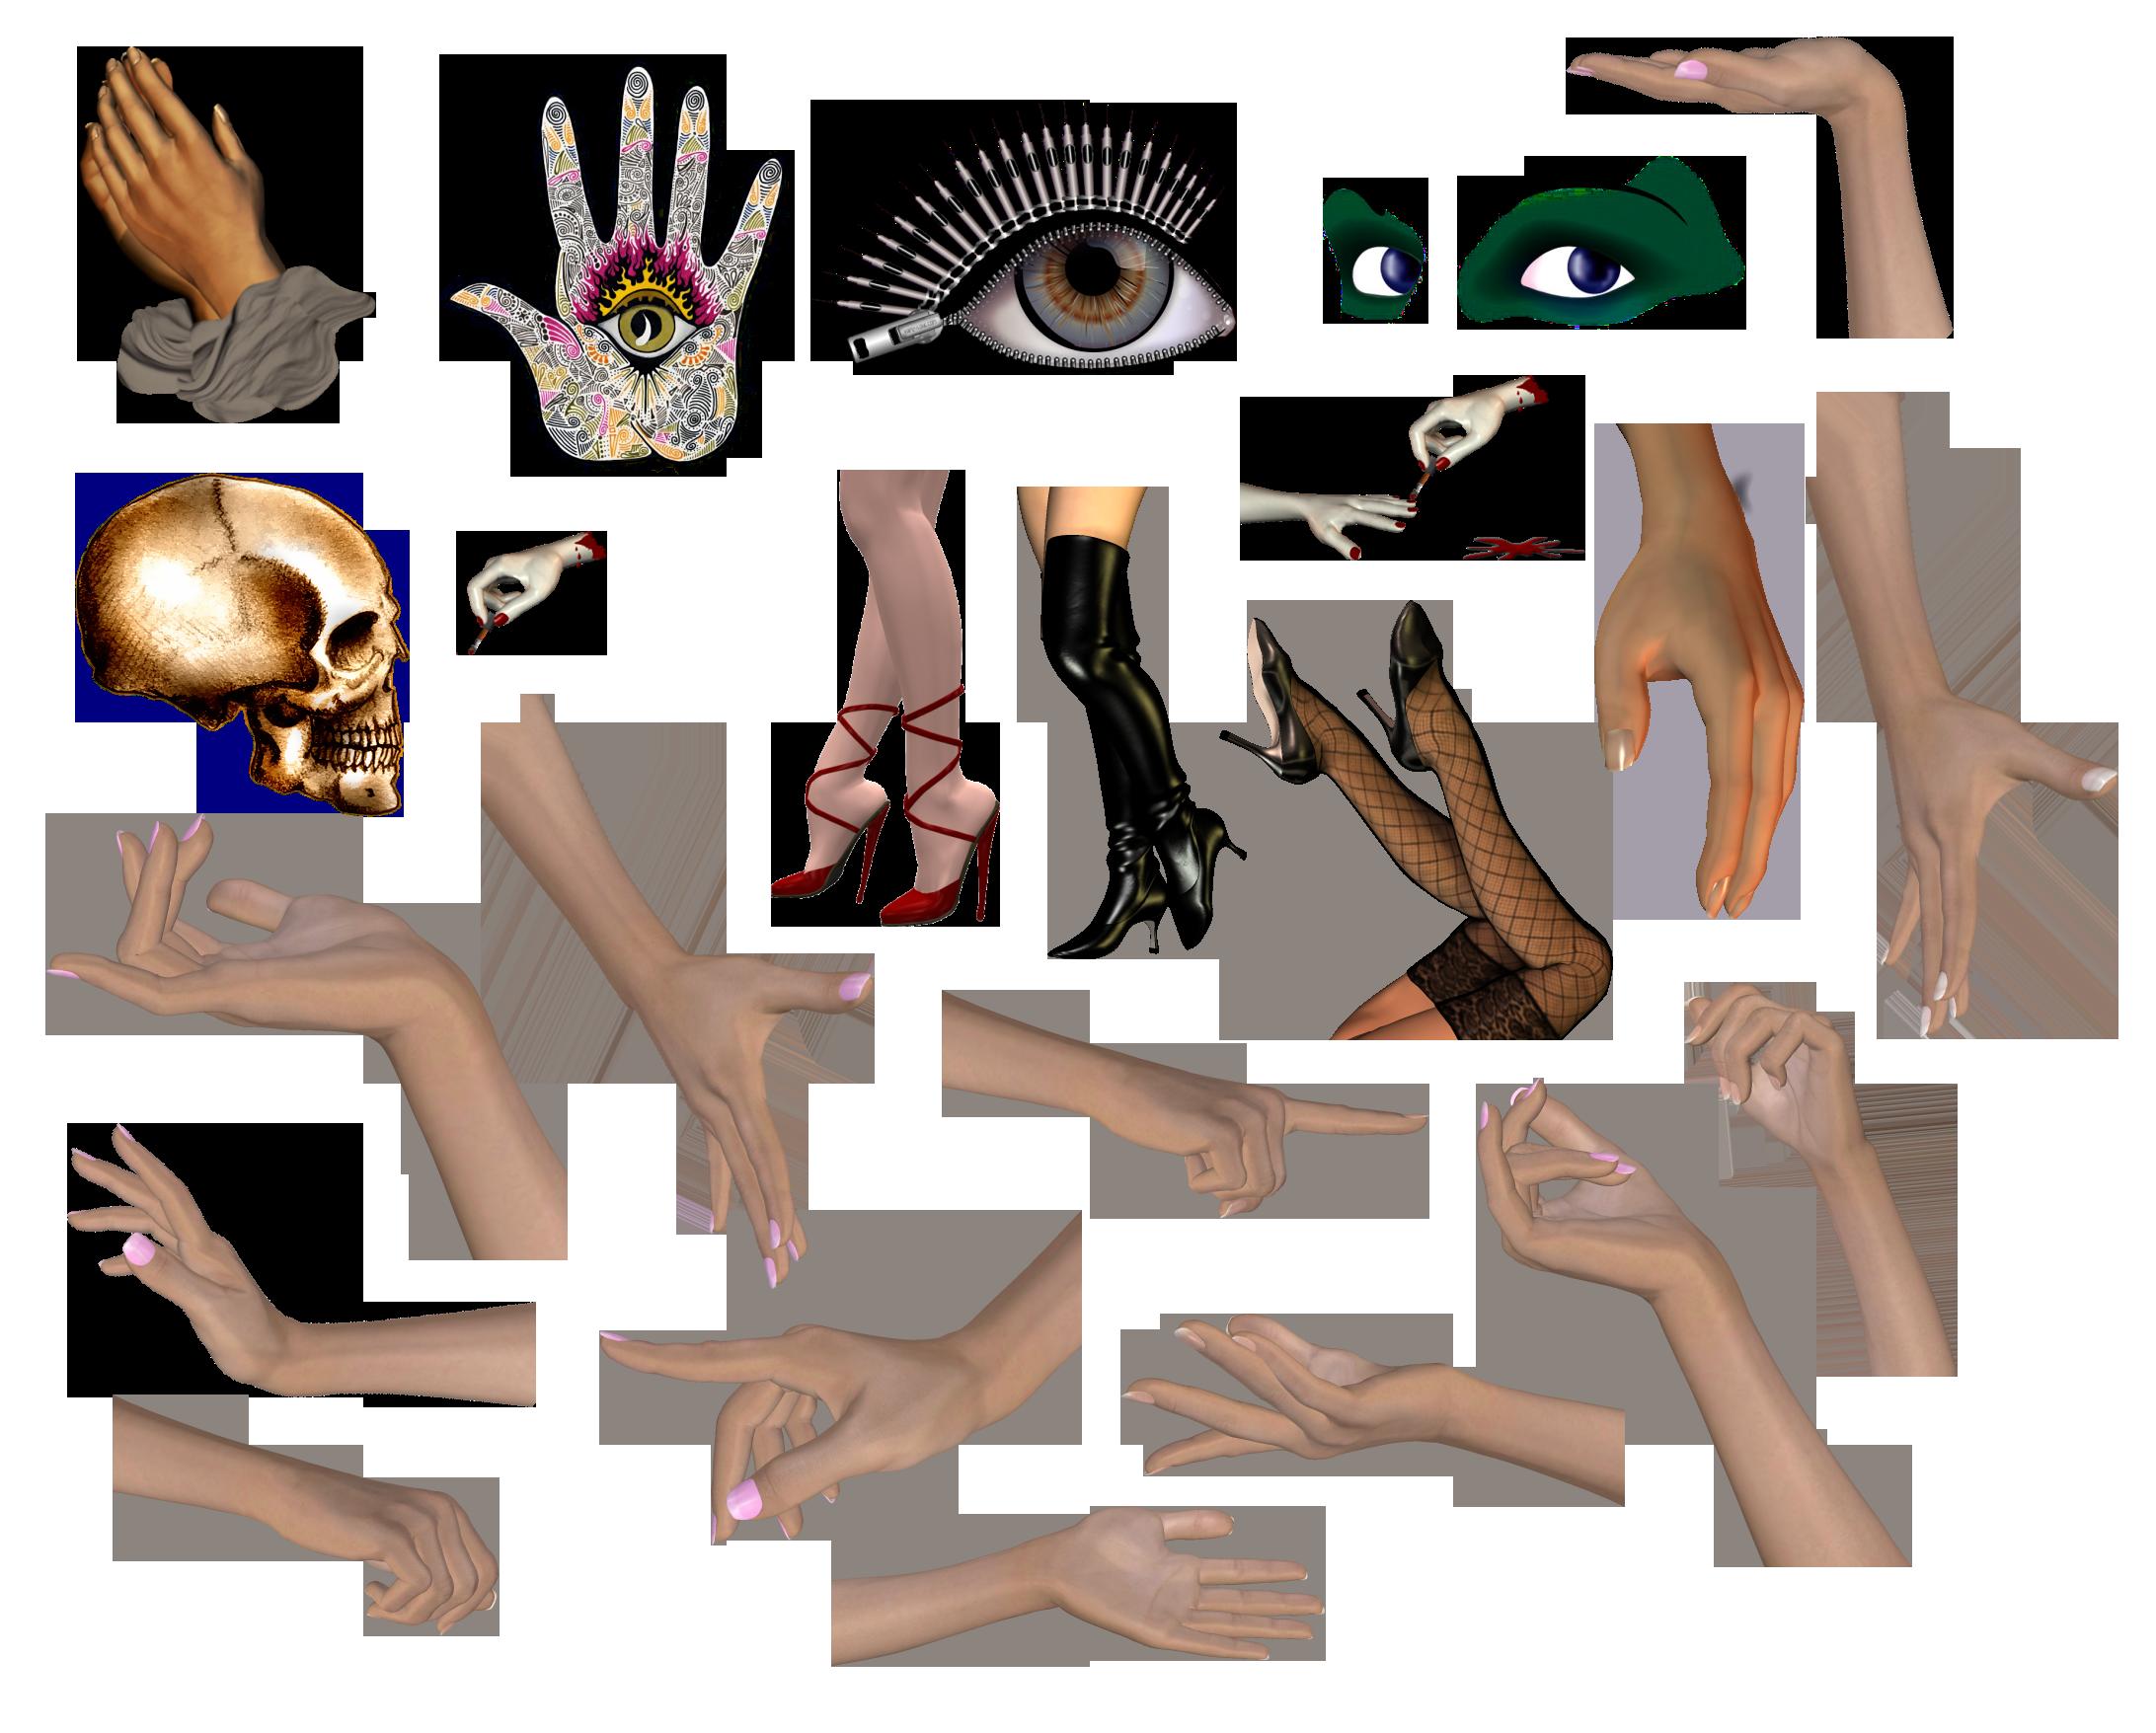 Картинки интересные части тела